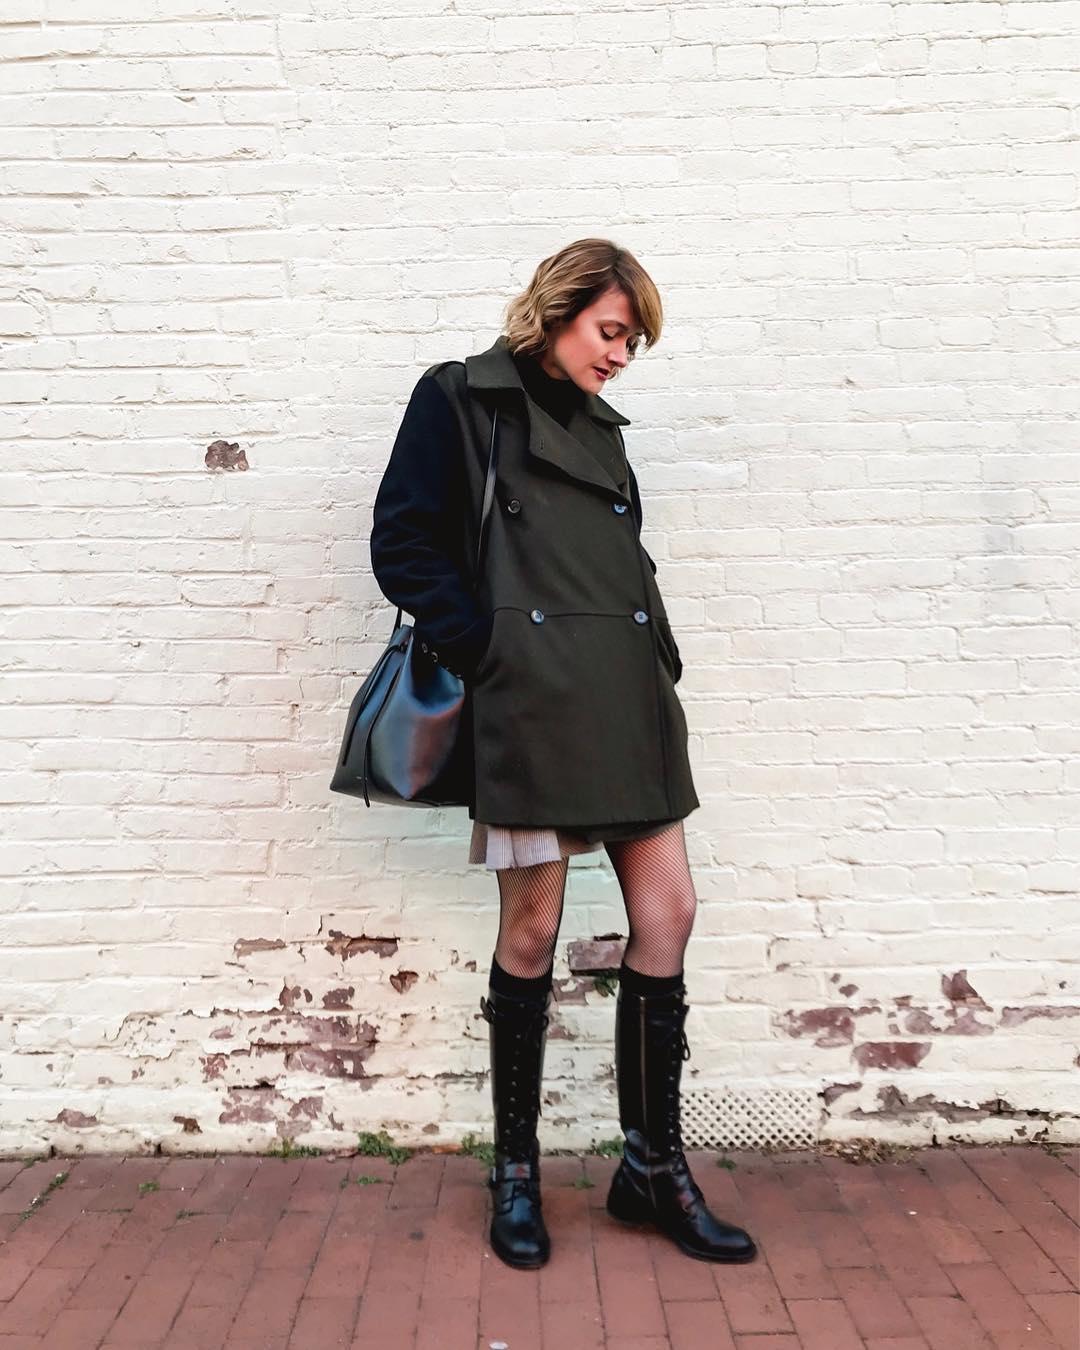 Mango coat and DKNY combat boots